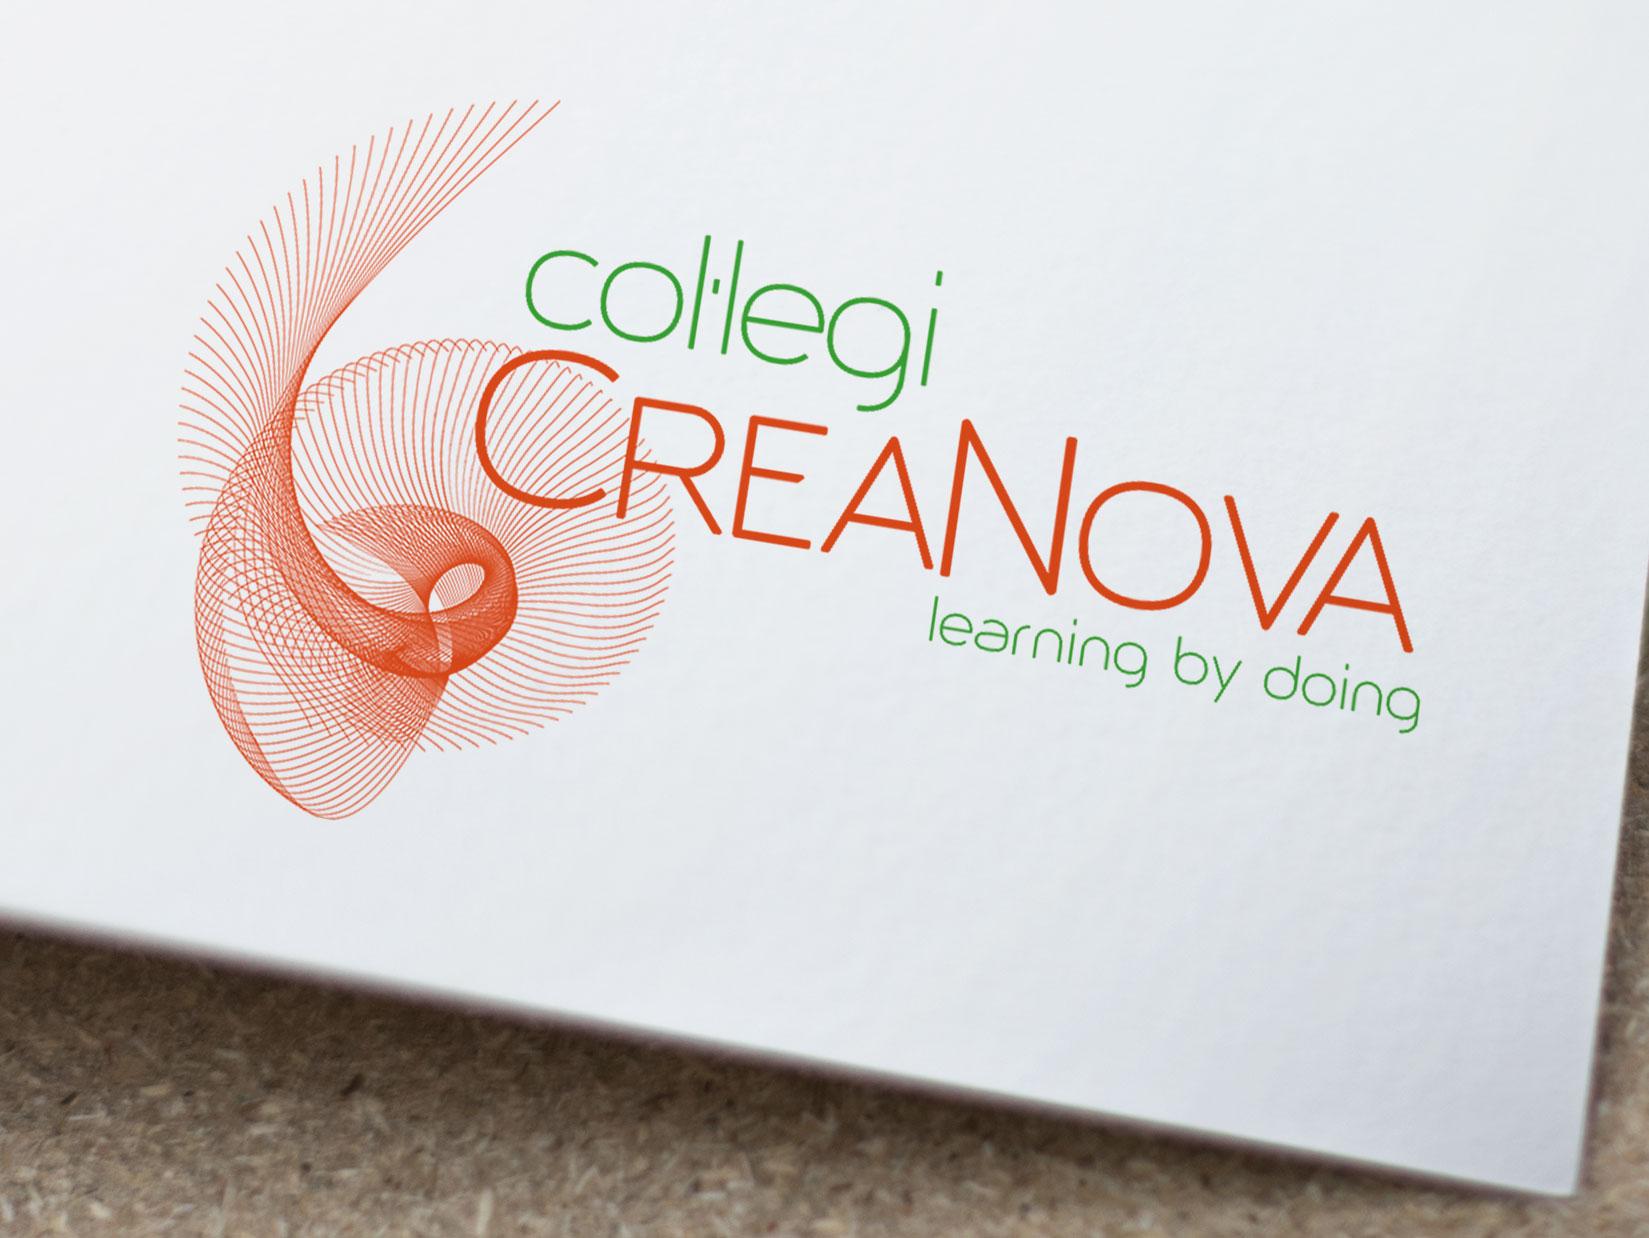 Diseño Logo: creación logotipo para el Col·legi CreaNova, utilizando un dibujo vectorial fractal. Manual de Identidad Corporativa.